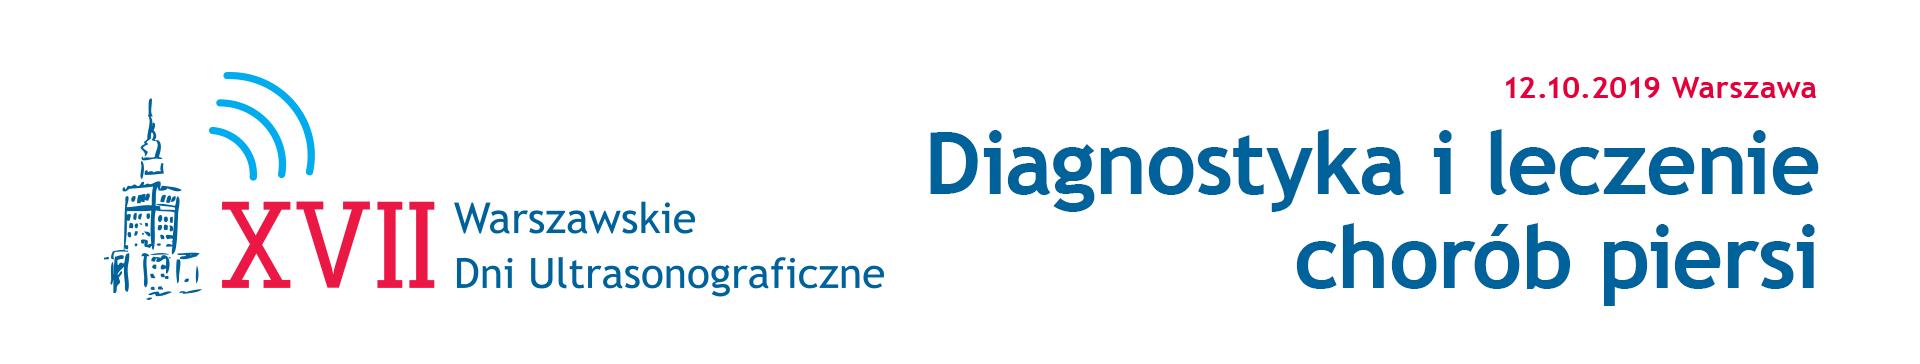 12.10.2019 XVII Warszawskie Dni Ultrasonograficzne – Diagnostyka i leczenie chorób piersi